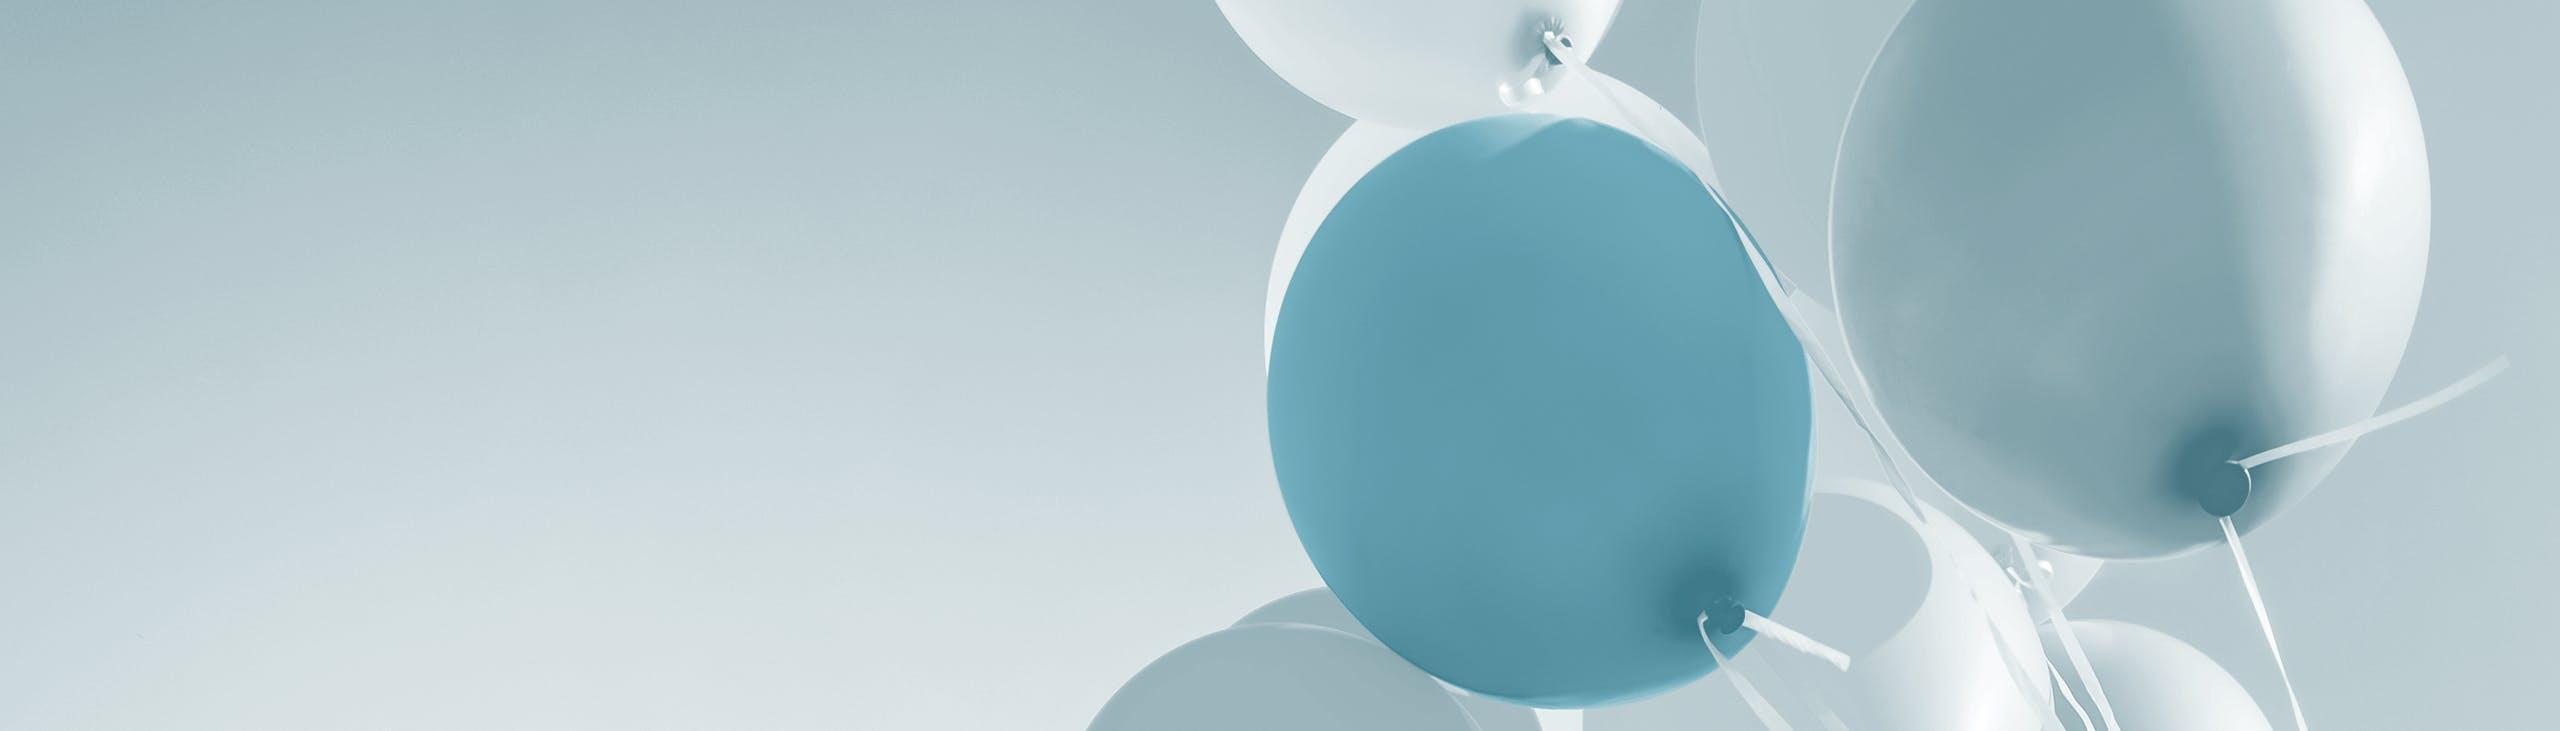 luftballons von digandos geburtstag